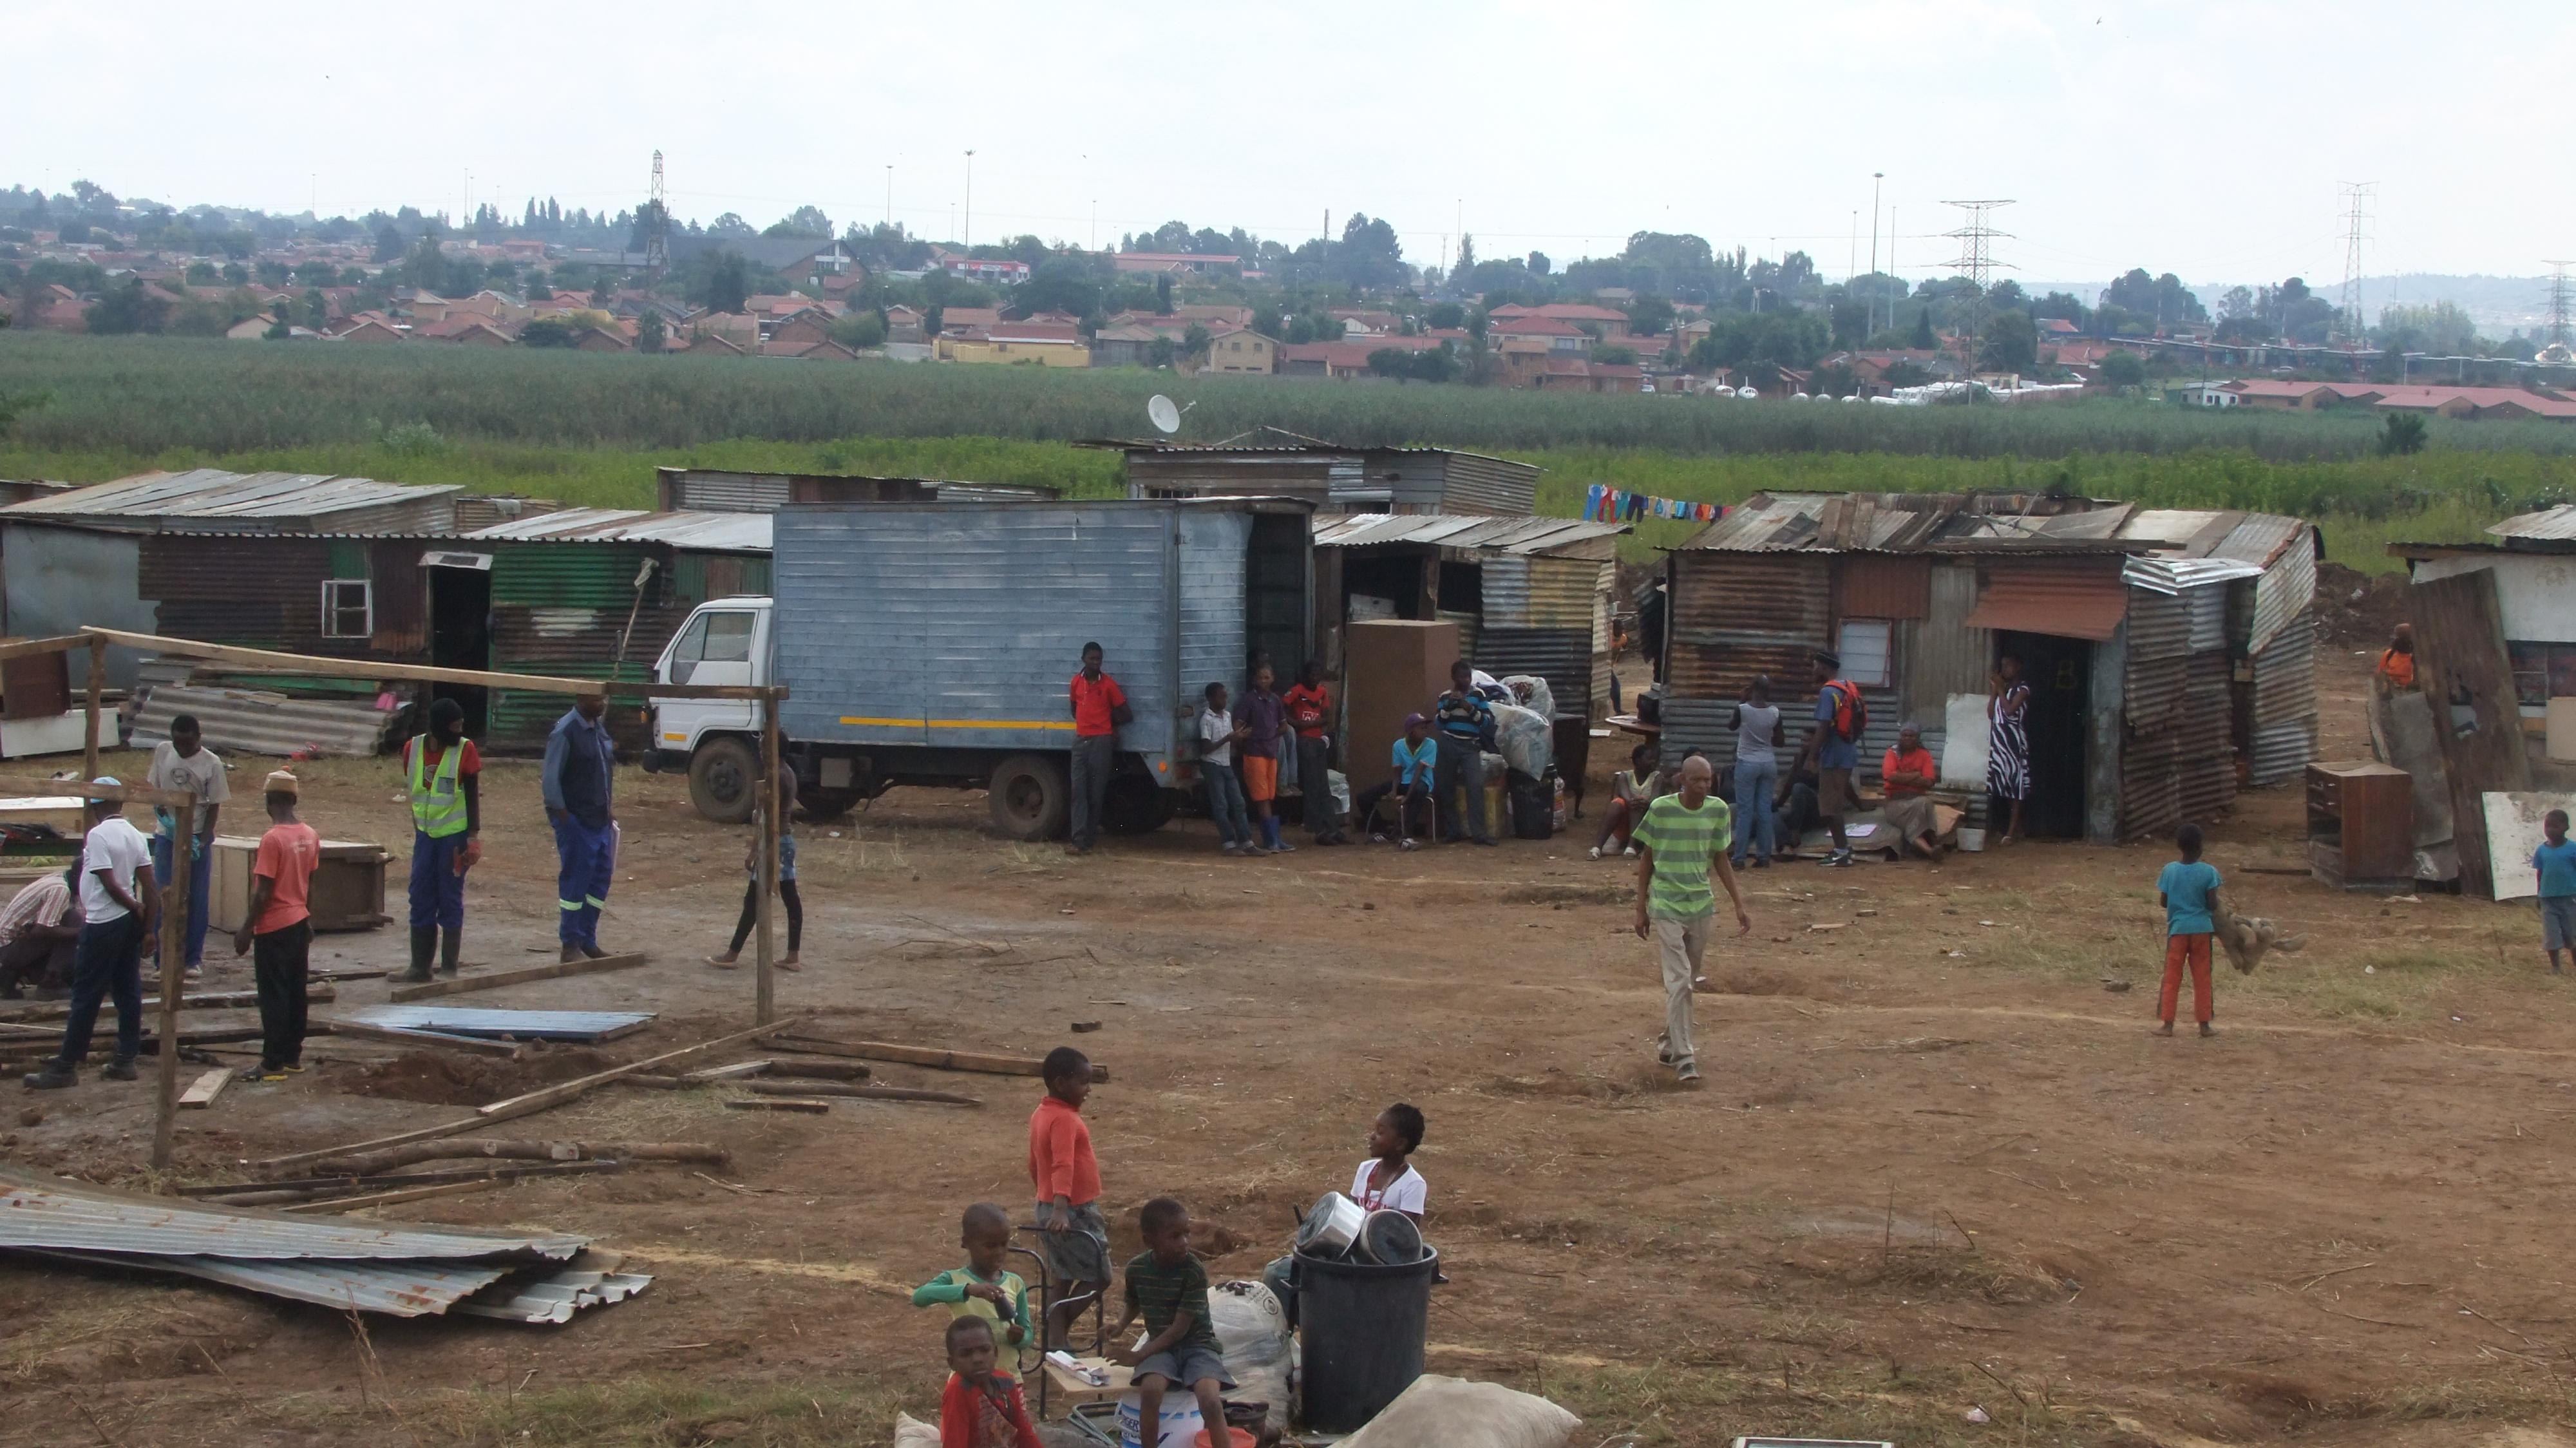 kliptown communities in gauteng relocate after heavy